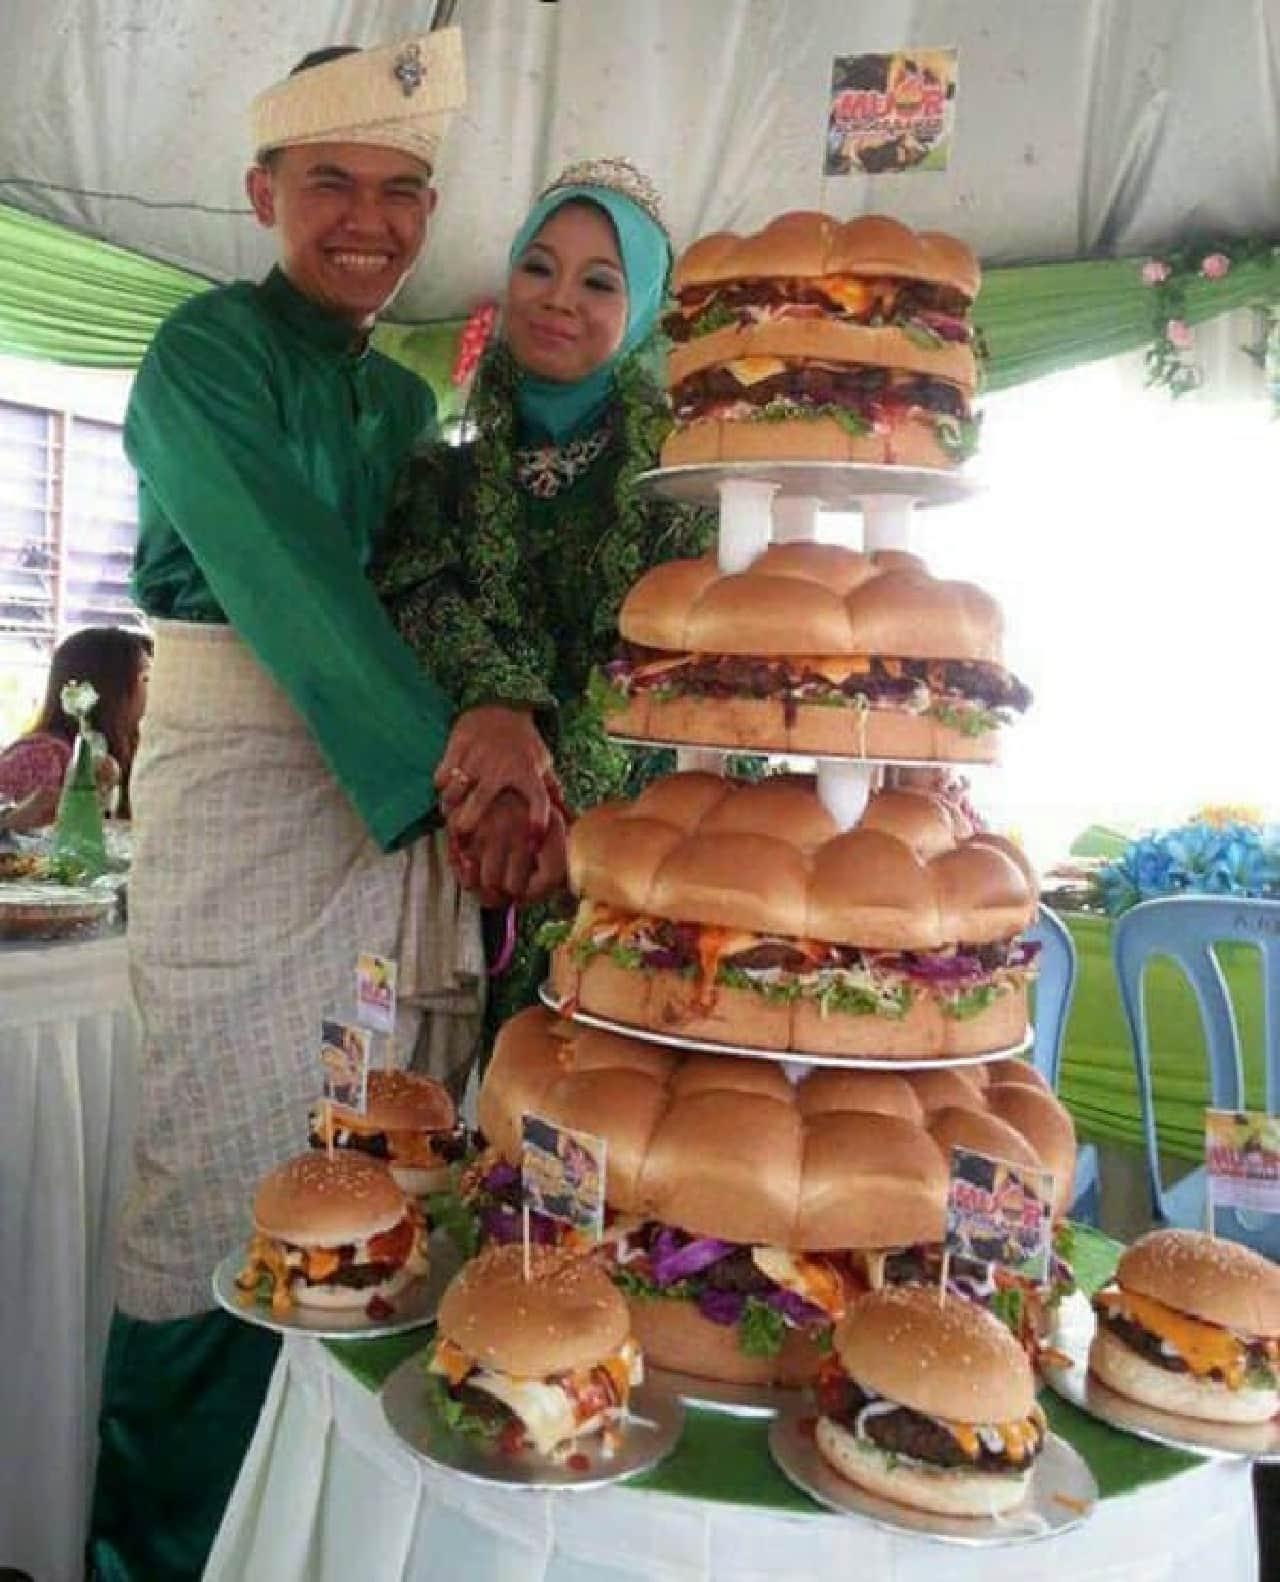 ハンバーガーで作られたウェディングケーキ(?)